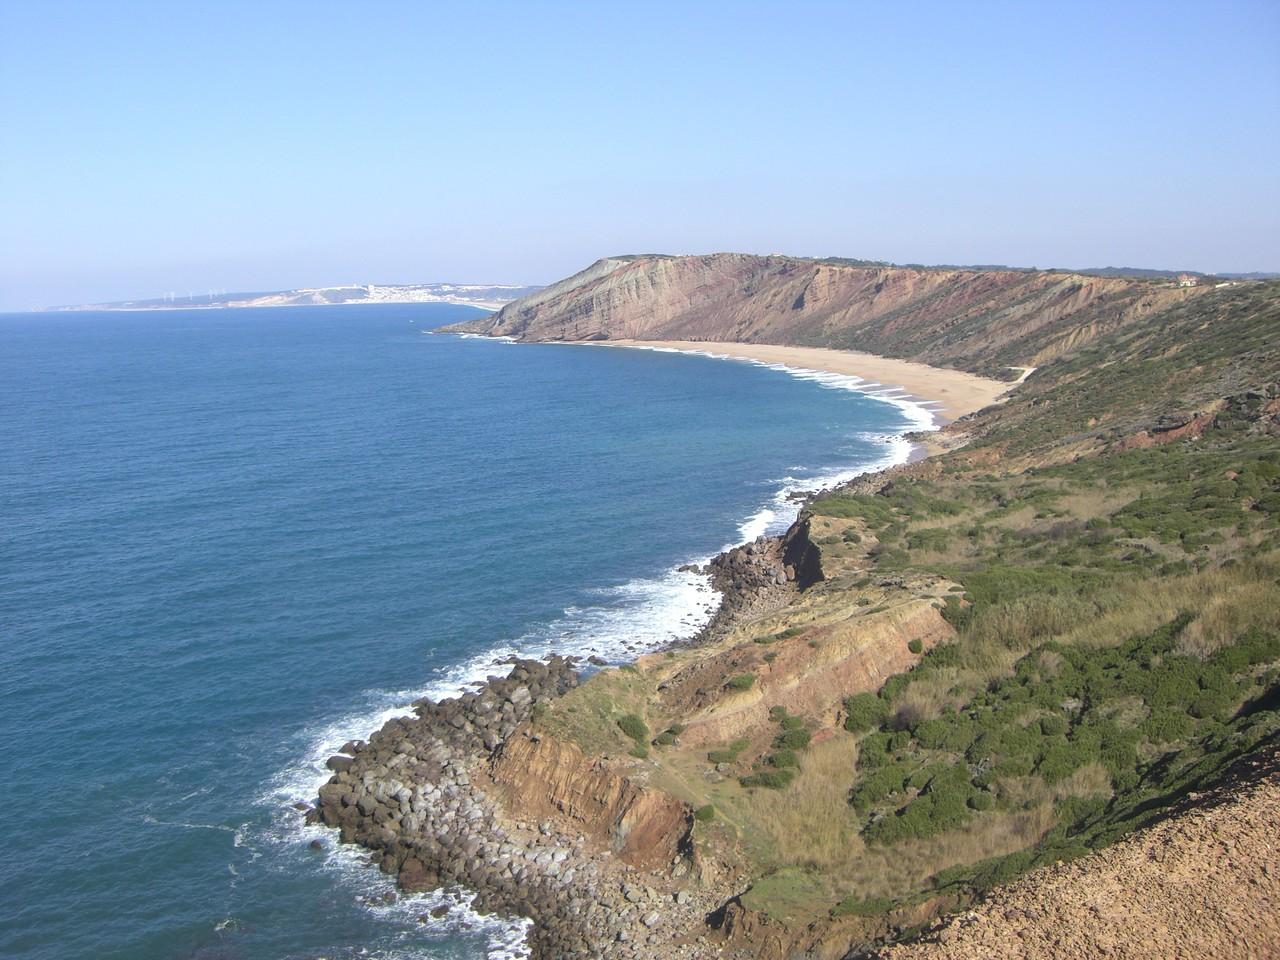 Praia del Gralha nahe Sao Martinho do Porto an der Costa de Prata .